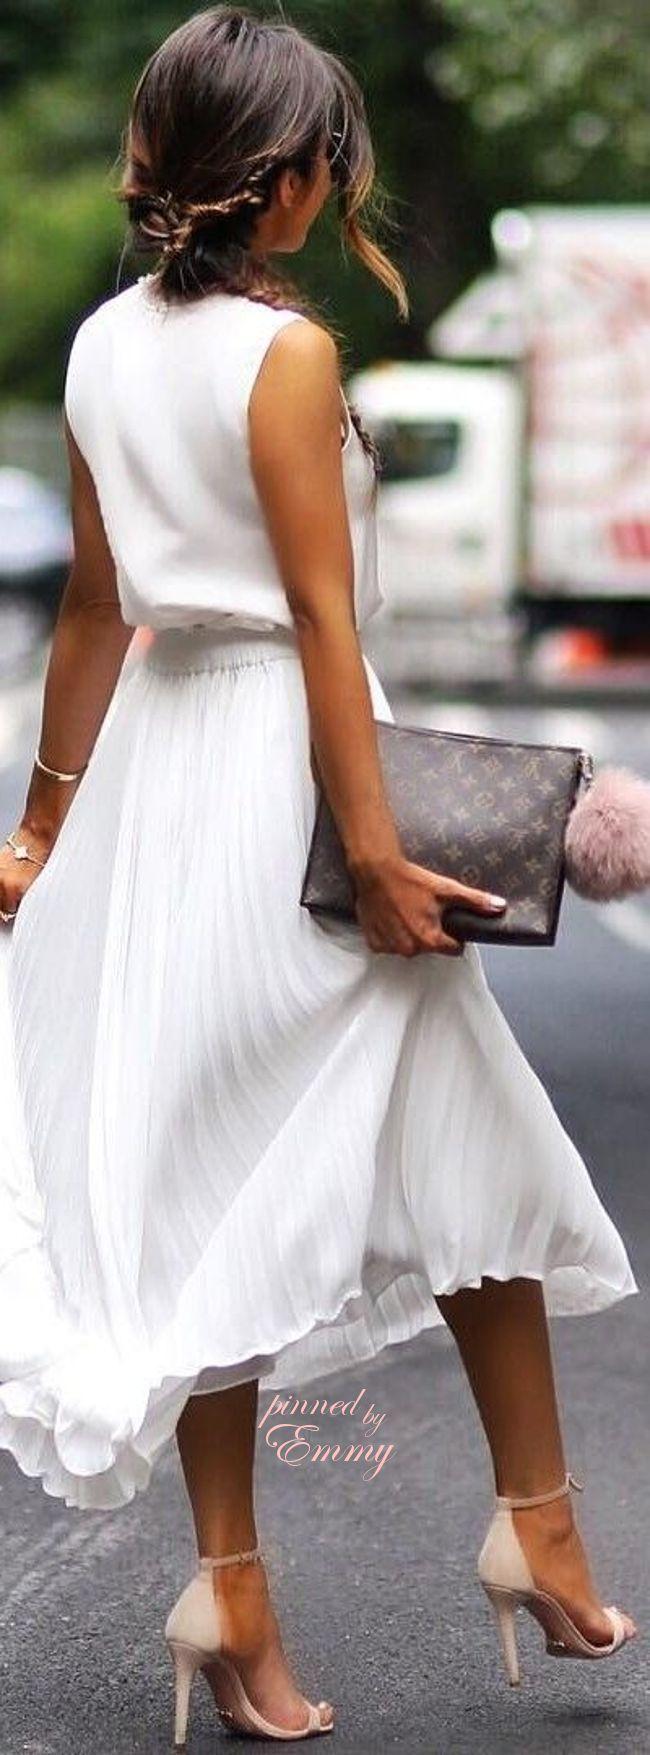 streetstyle #white #louisvuitton